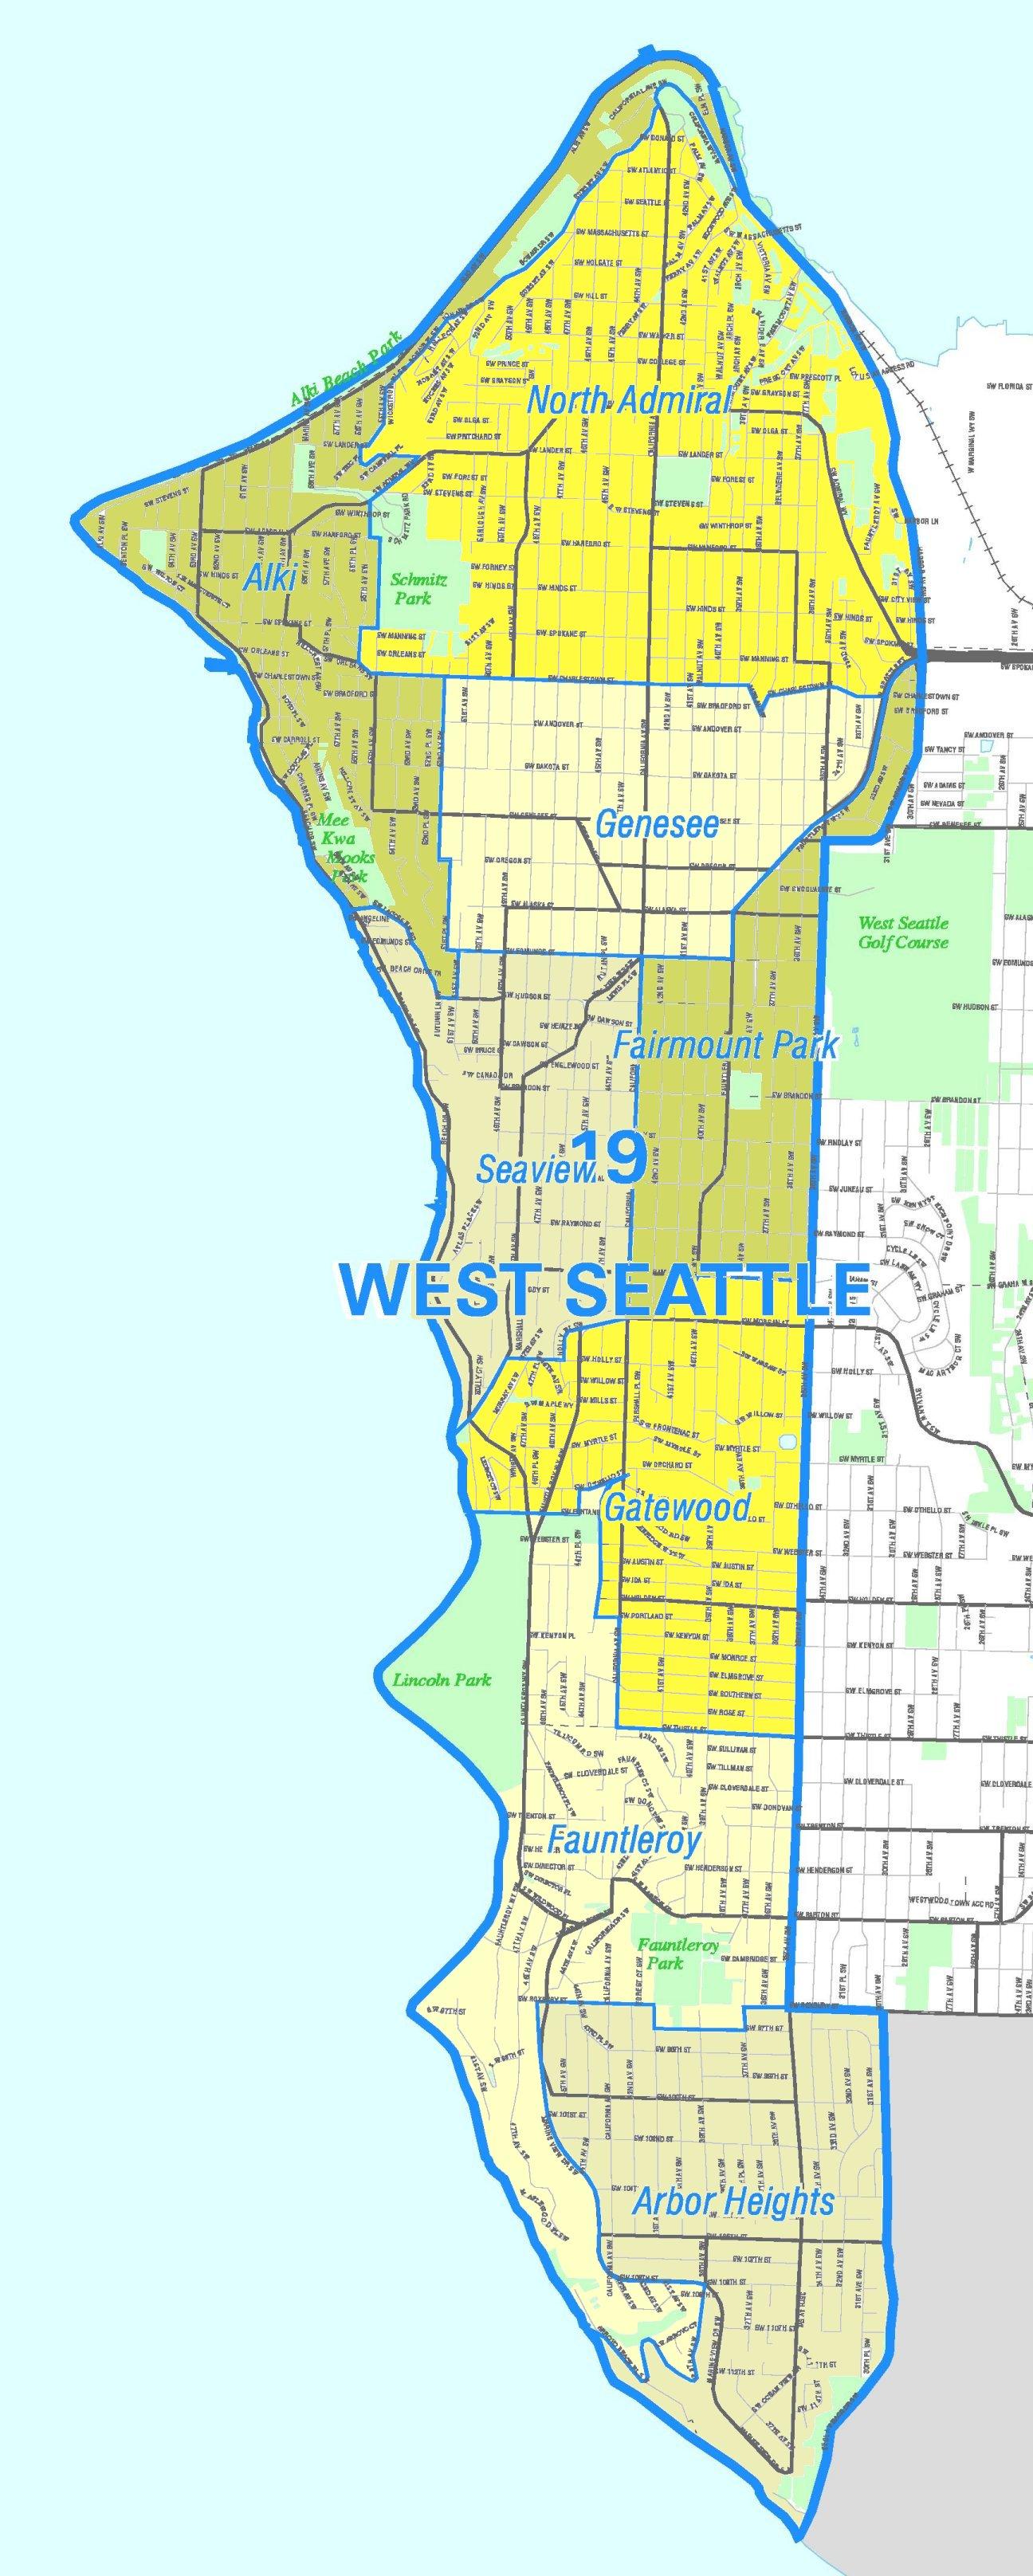 FileSeattle  West Seattle Mapjpg  Wikimedia Commons